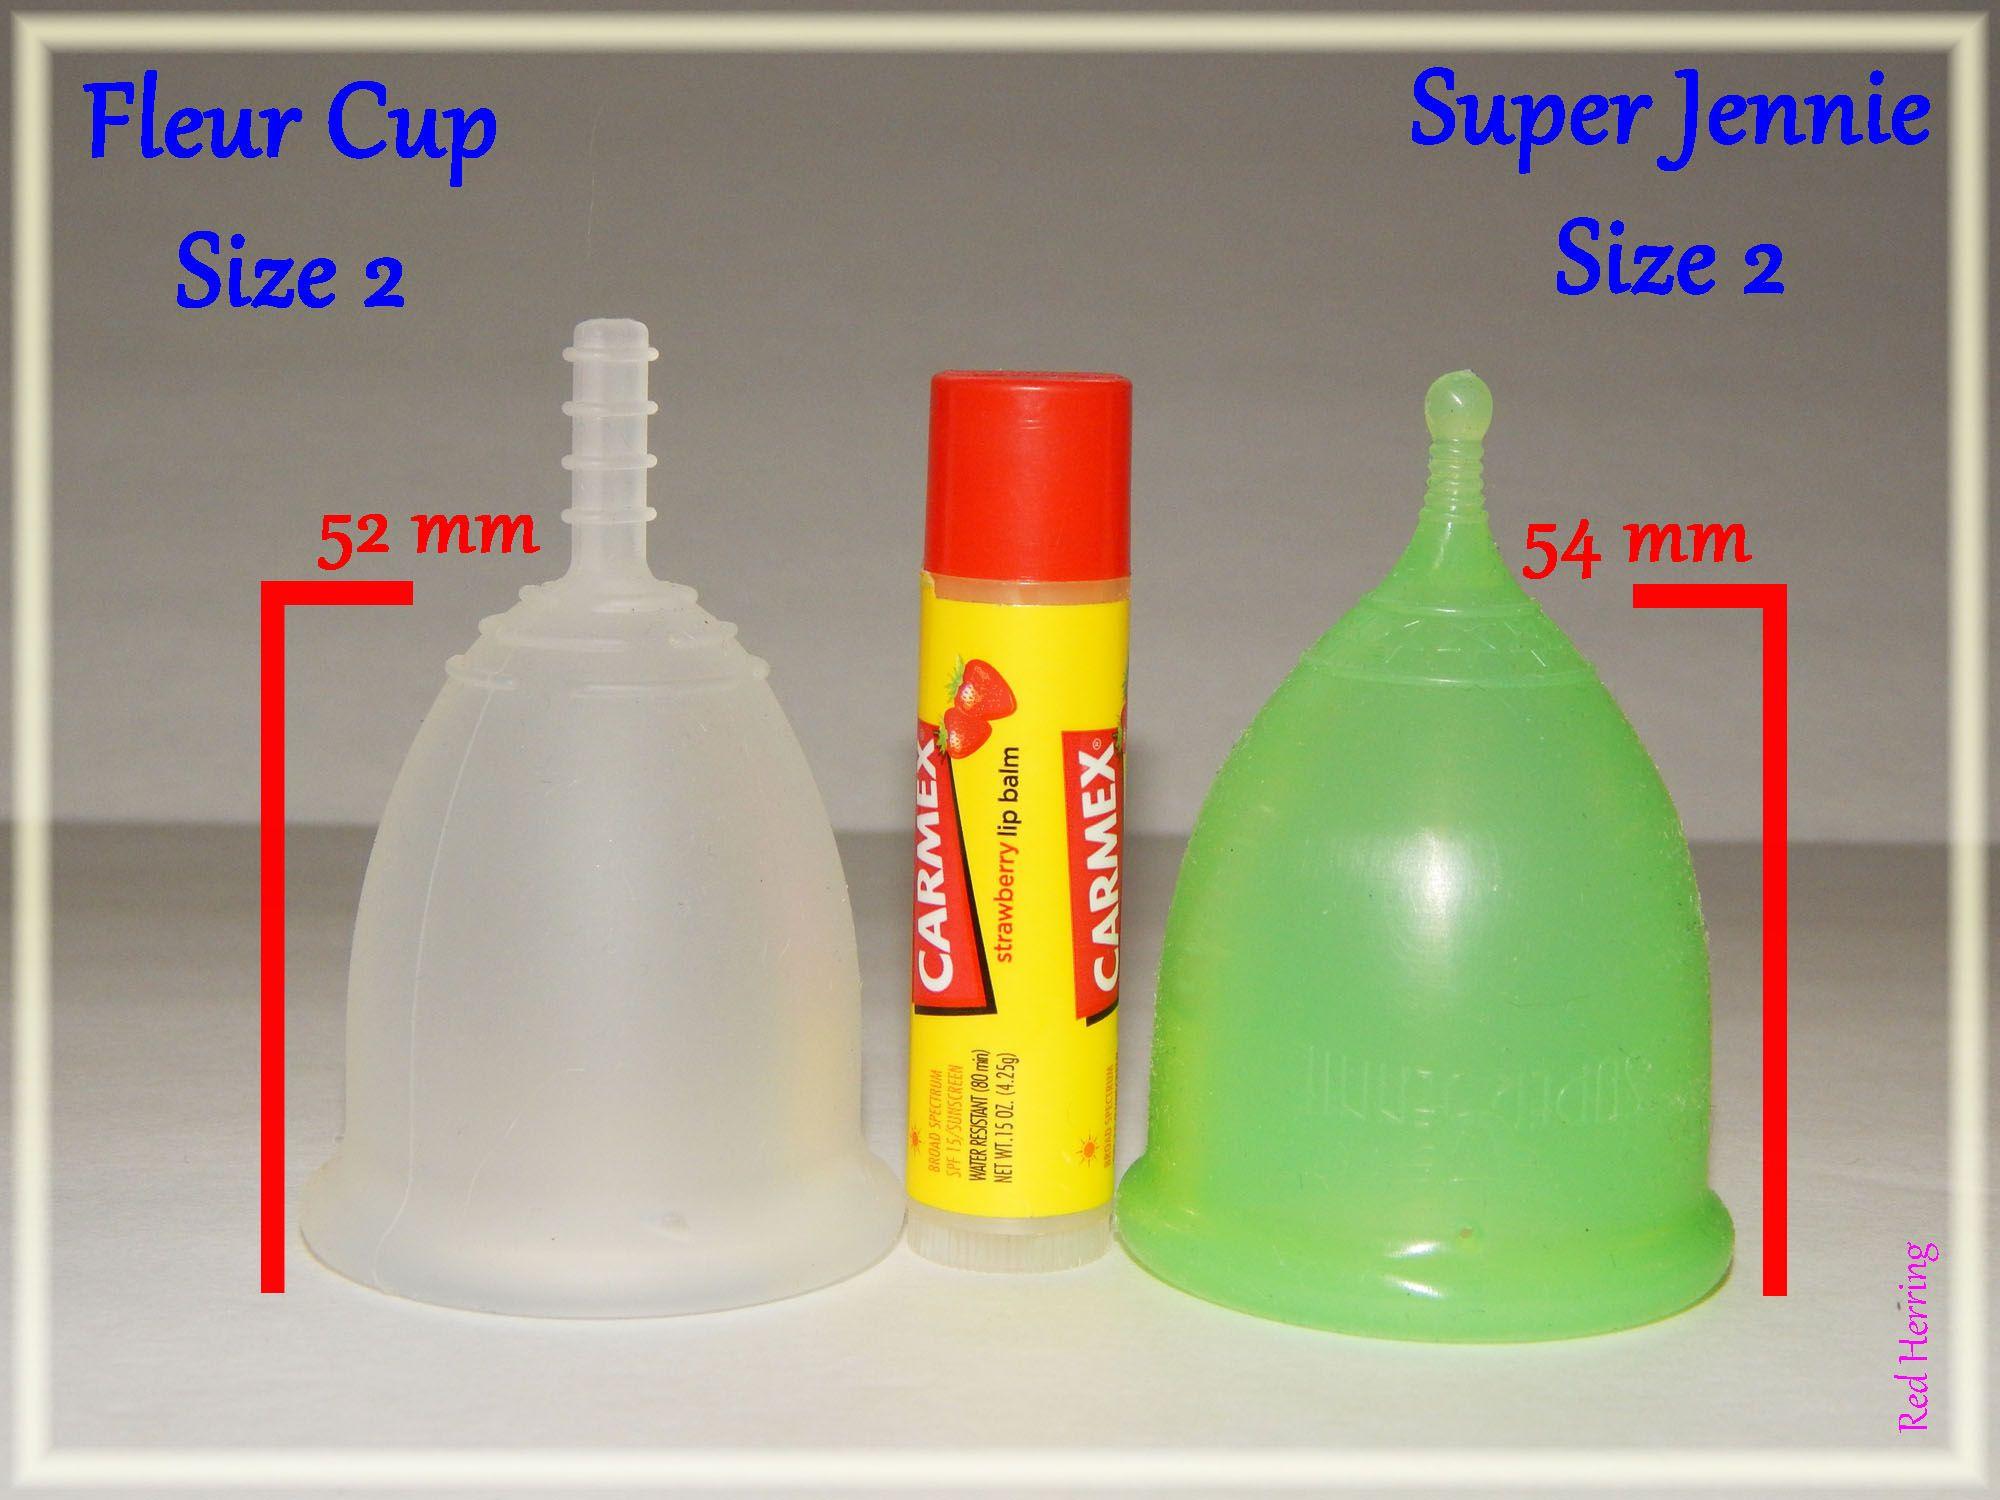 Fleur Cup vs Super Jennie size large | Comparison Photos ... C Cup Vs D Cup Comparison